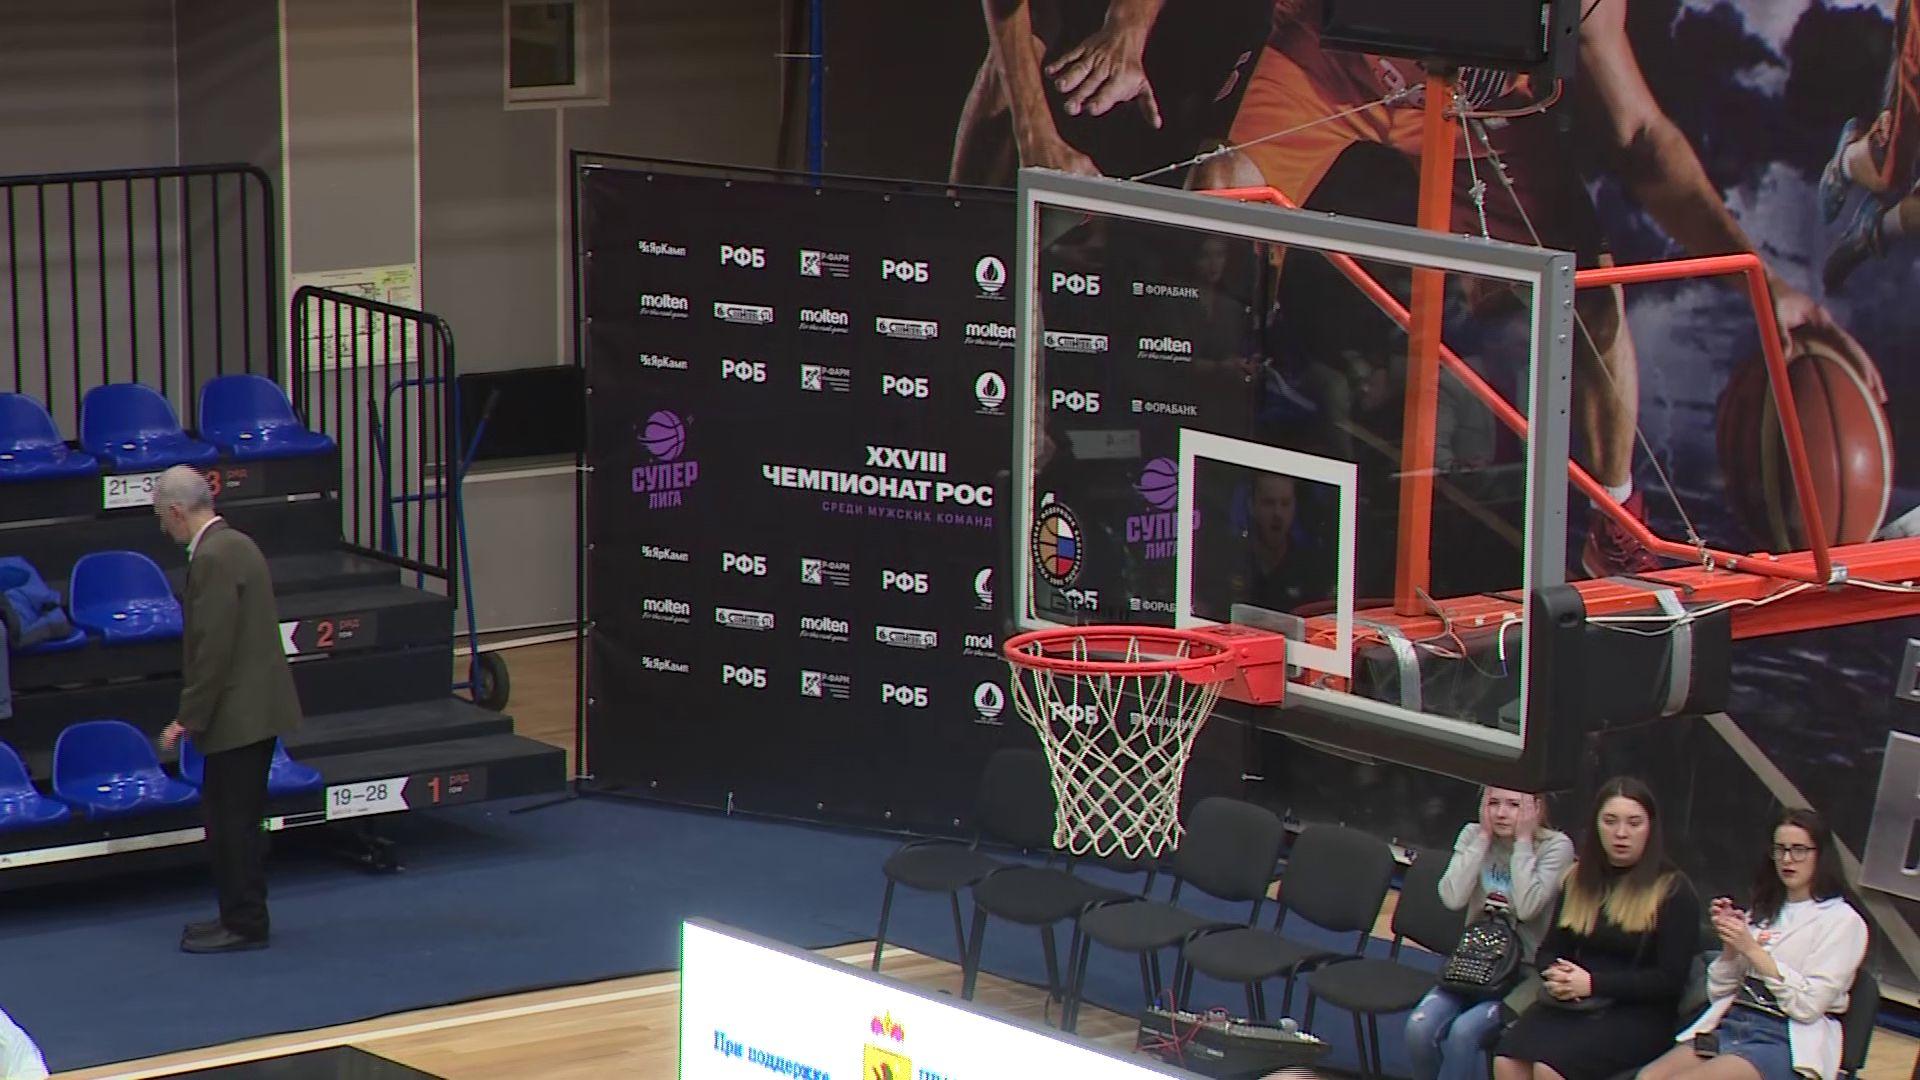 В Ярославле стартует второй баскетбольный турнир в этом межсезонье - «Кубок Дружбы»